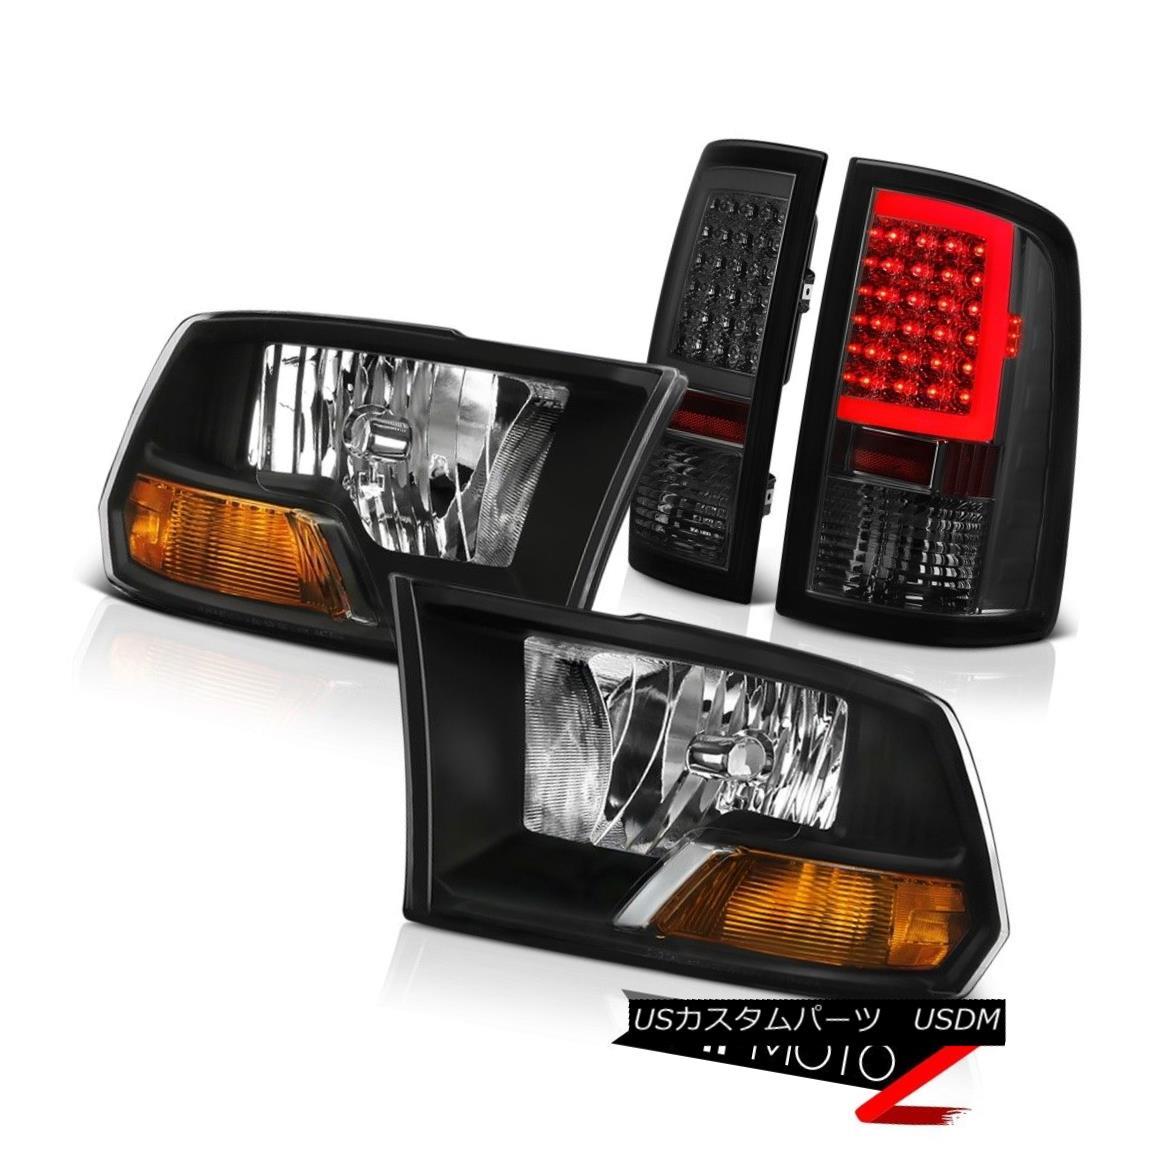 ヘッドライト 2010-2018 Dodge RAM 1500 3500 Tail Light Infinity Black Factory Style Headlight 2010-2018 Dodge RAM 1500 3500テールライトインフィニティブラックファクトリースタイルヘッドライト